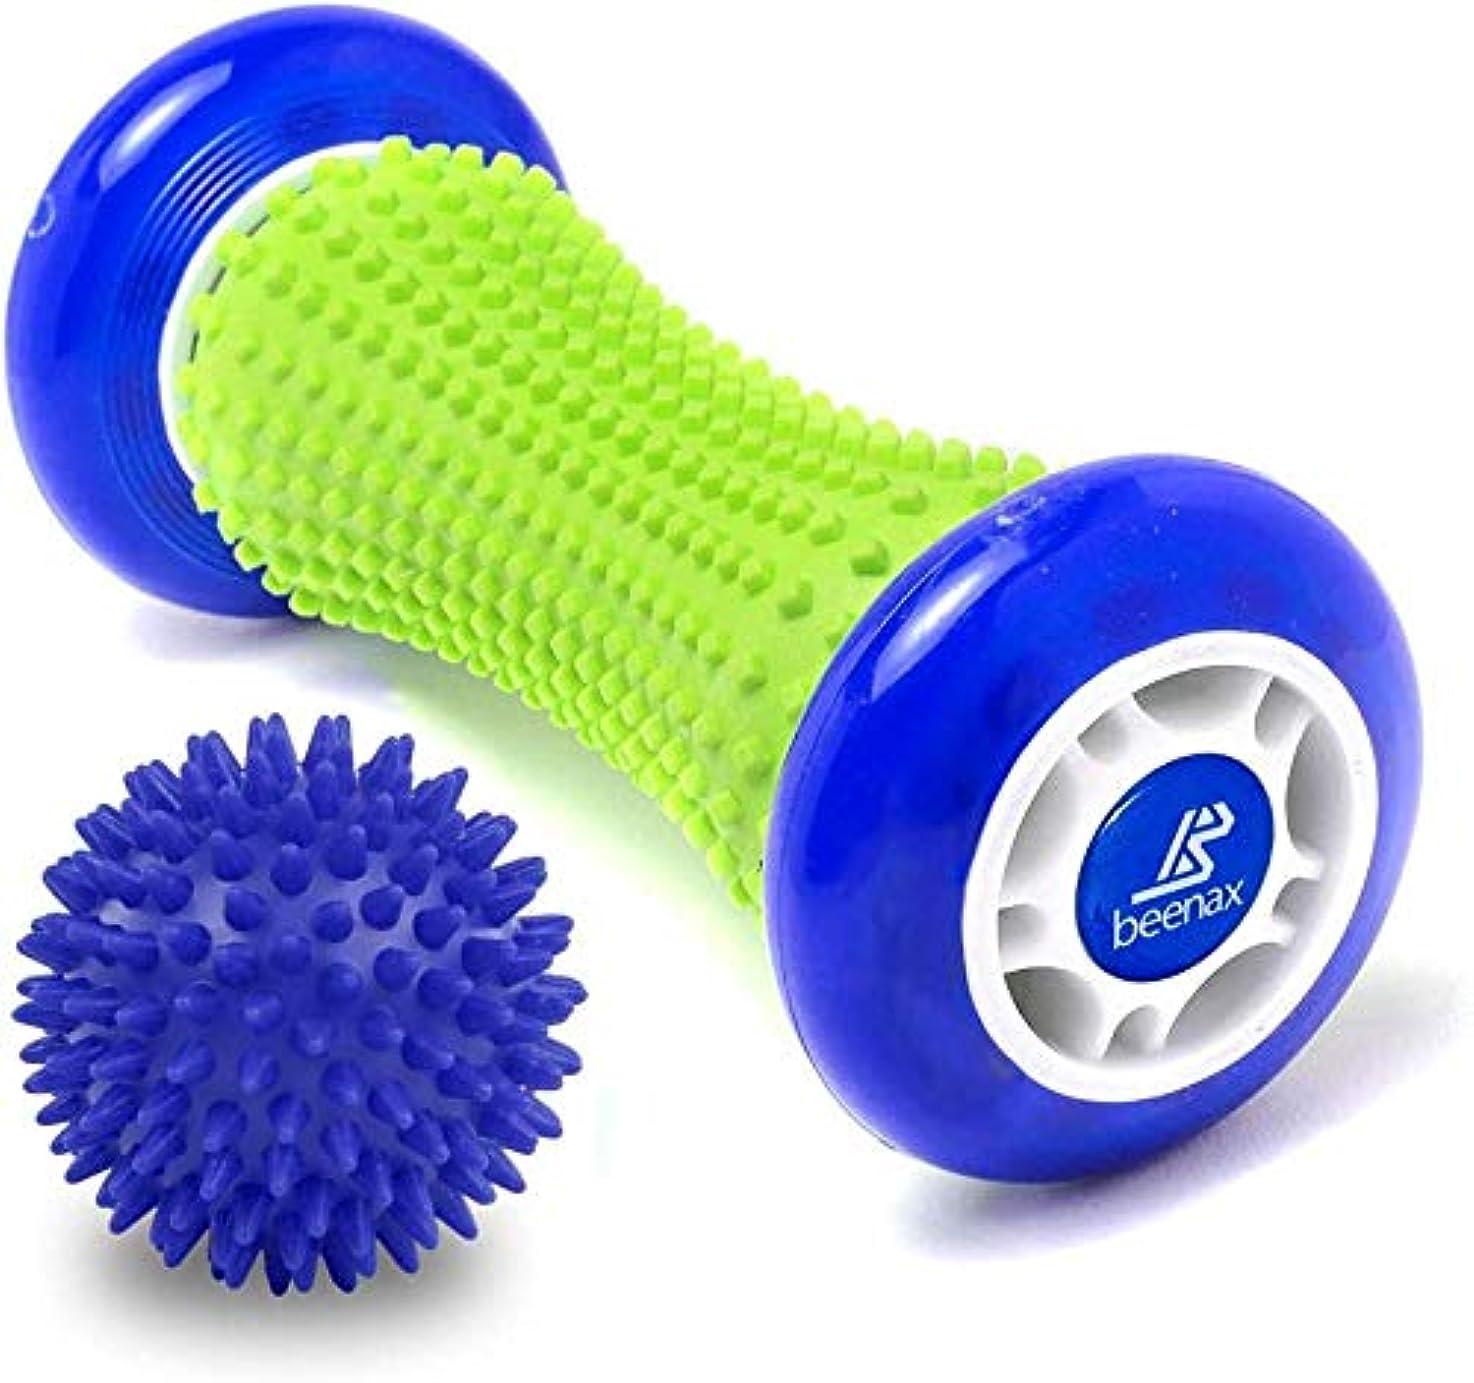 オリエントバーター小石フットマッサージローラーとハードスパイキーボールセット-ストレスを緩和し、タイトな筋肉をリラックスするように設計,Blue